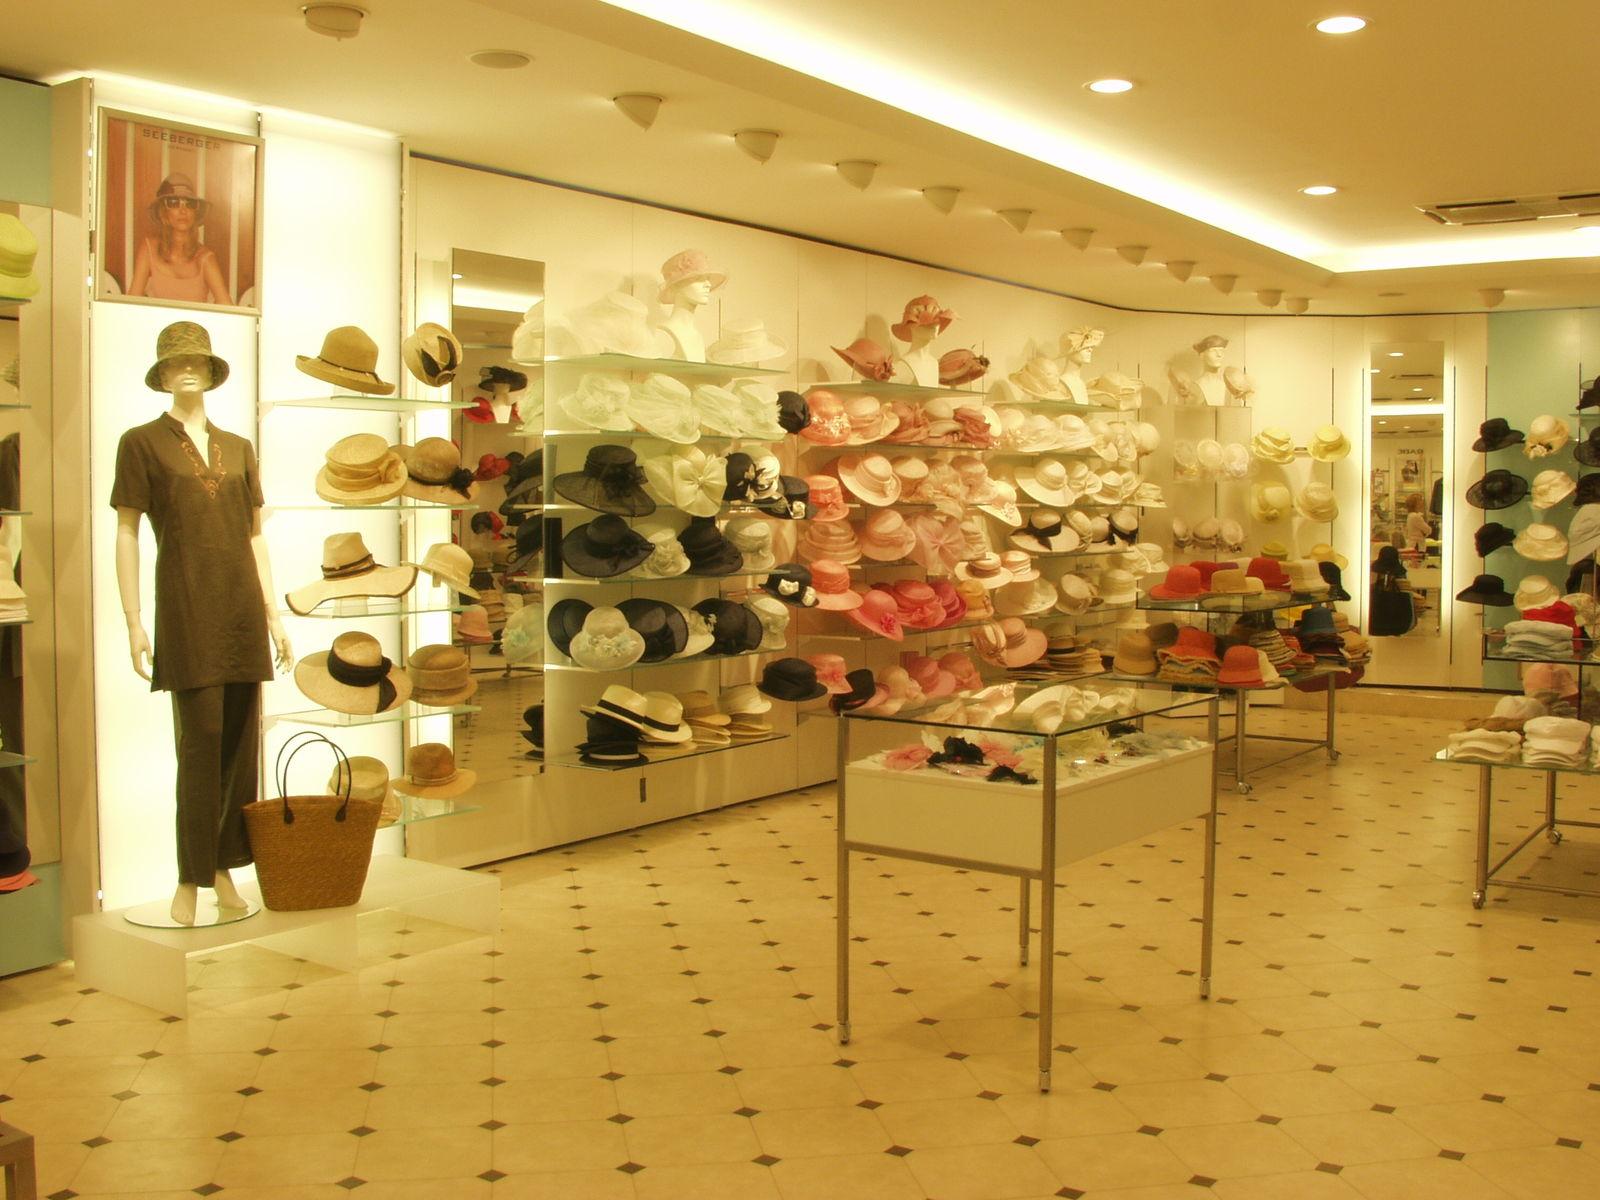 Hut und Mode BREITER in München (Bild 8)